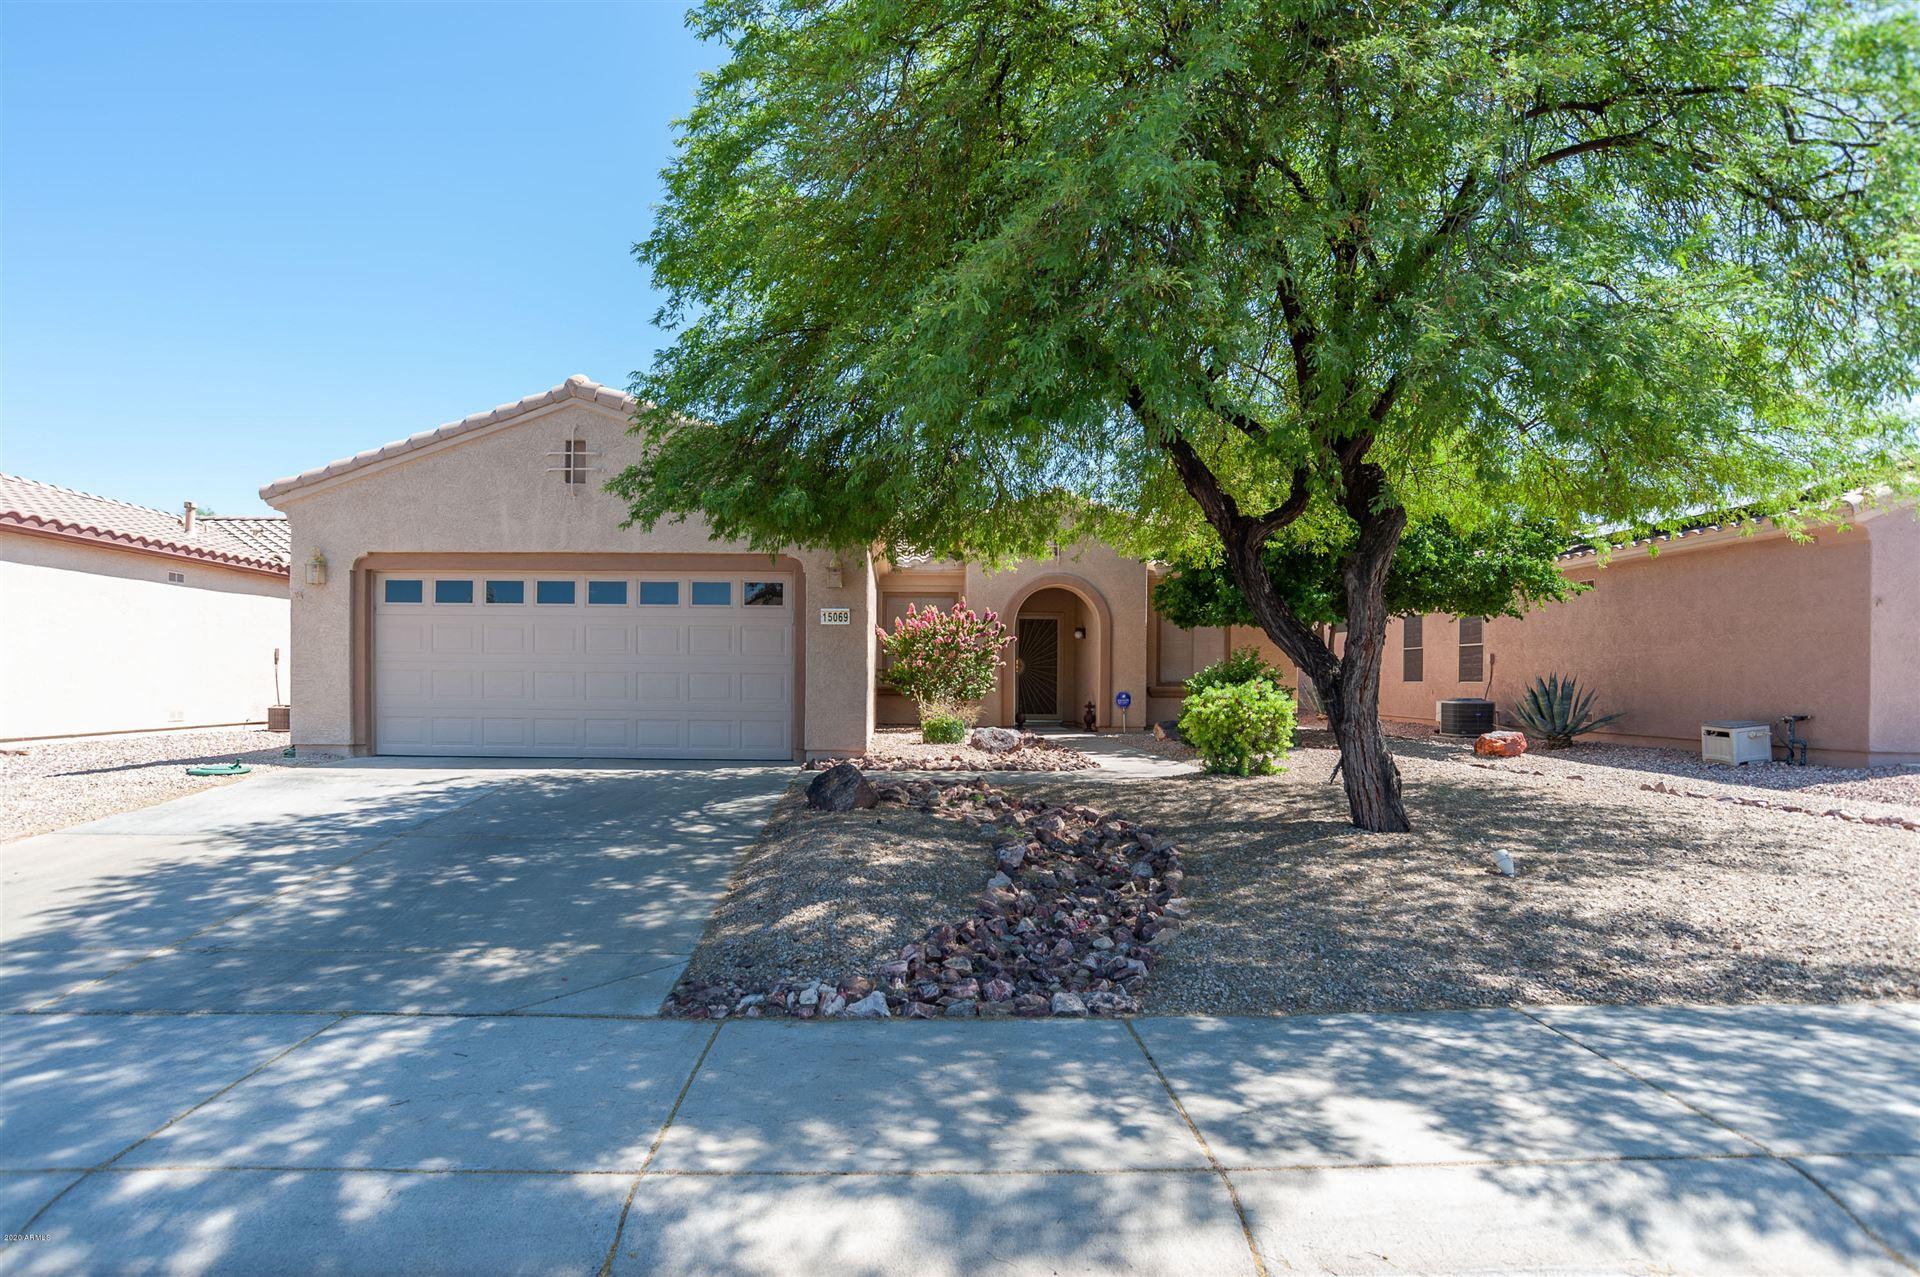 15069 W HOME RUN Drive, Surprise, AZ 85374 - MLS#: 6079646